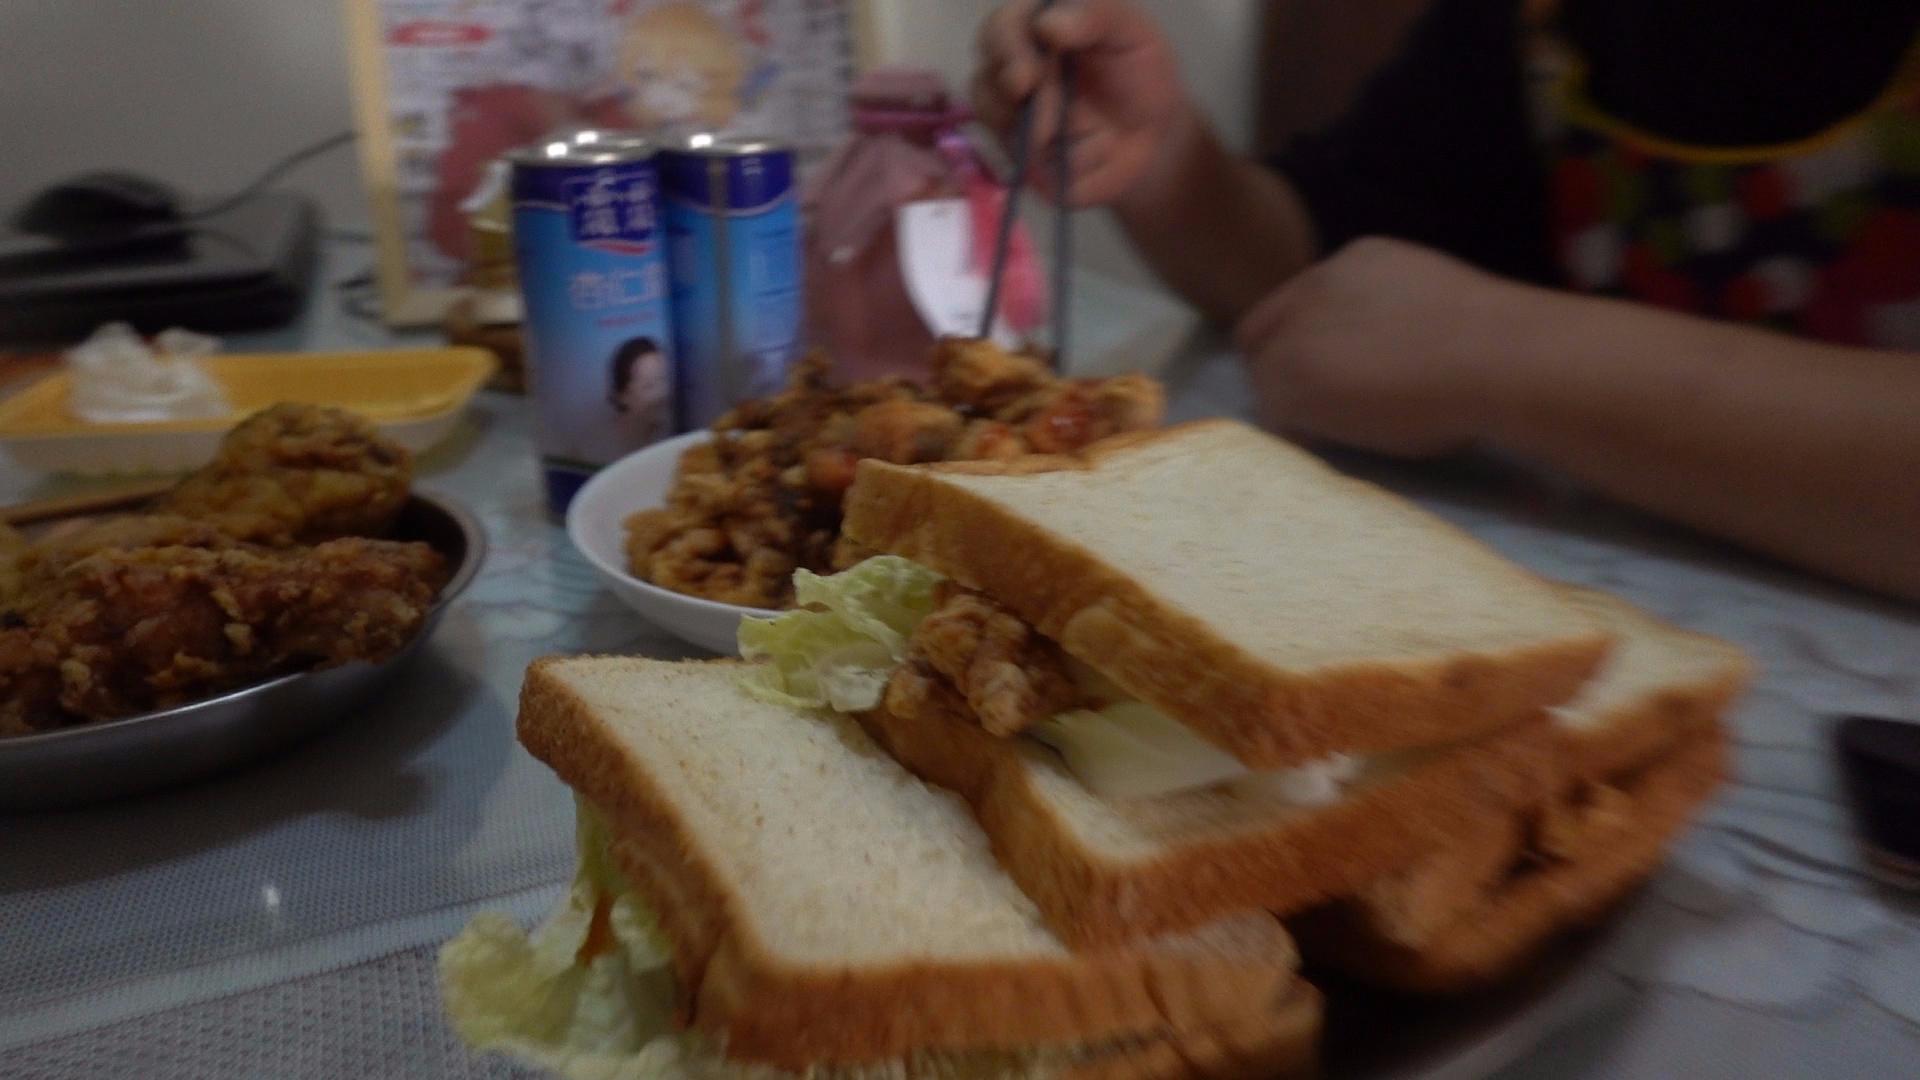 【老司马的日常食堂】鸡腿,超级三明治诸葛司马都吃爽了